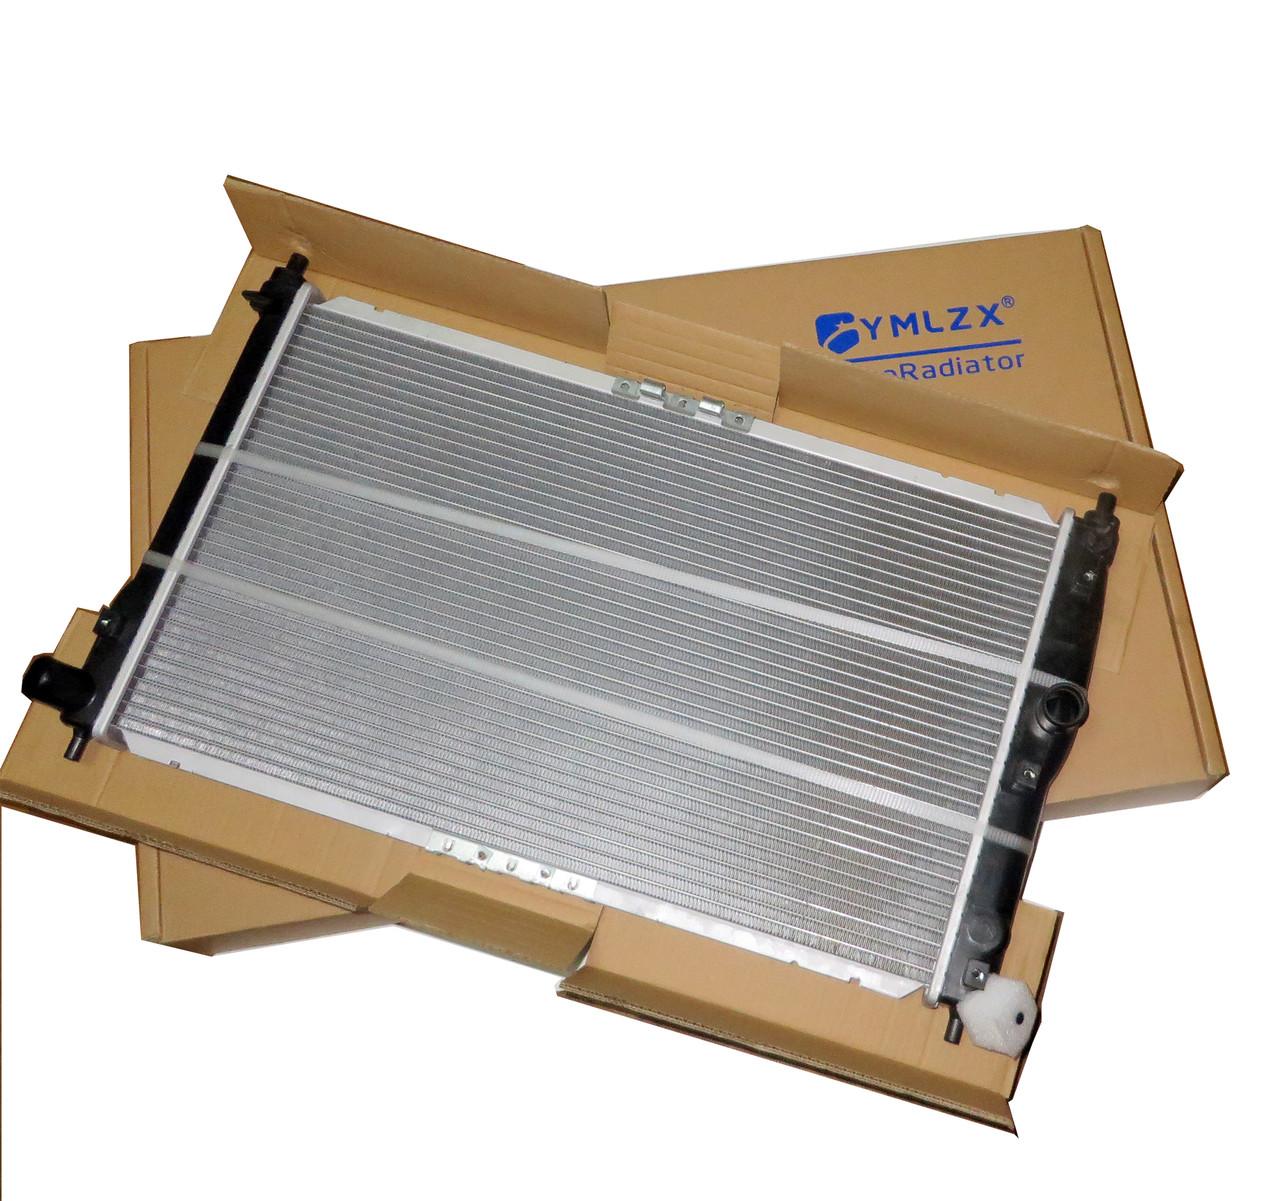 Радіатор основний Леганза, МКПП, YMLZX, YML-BR-239, 96273596-